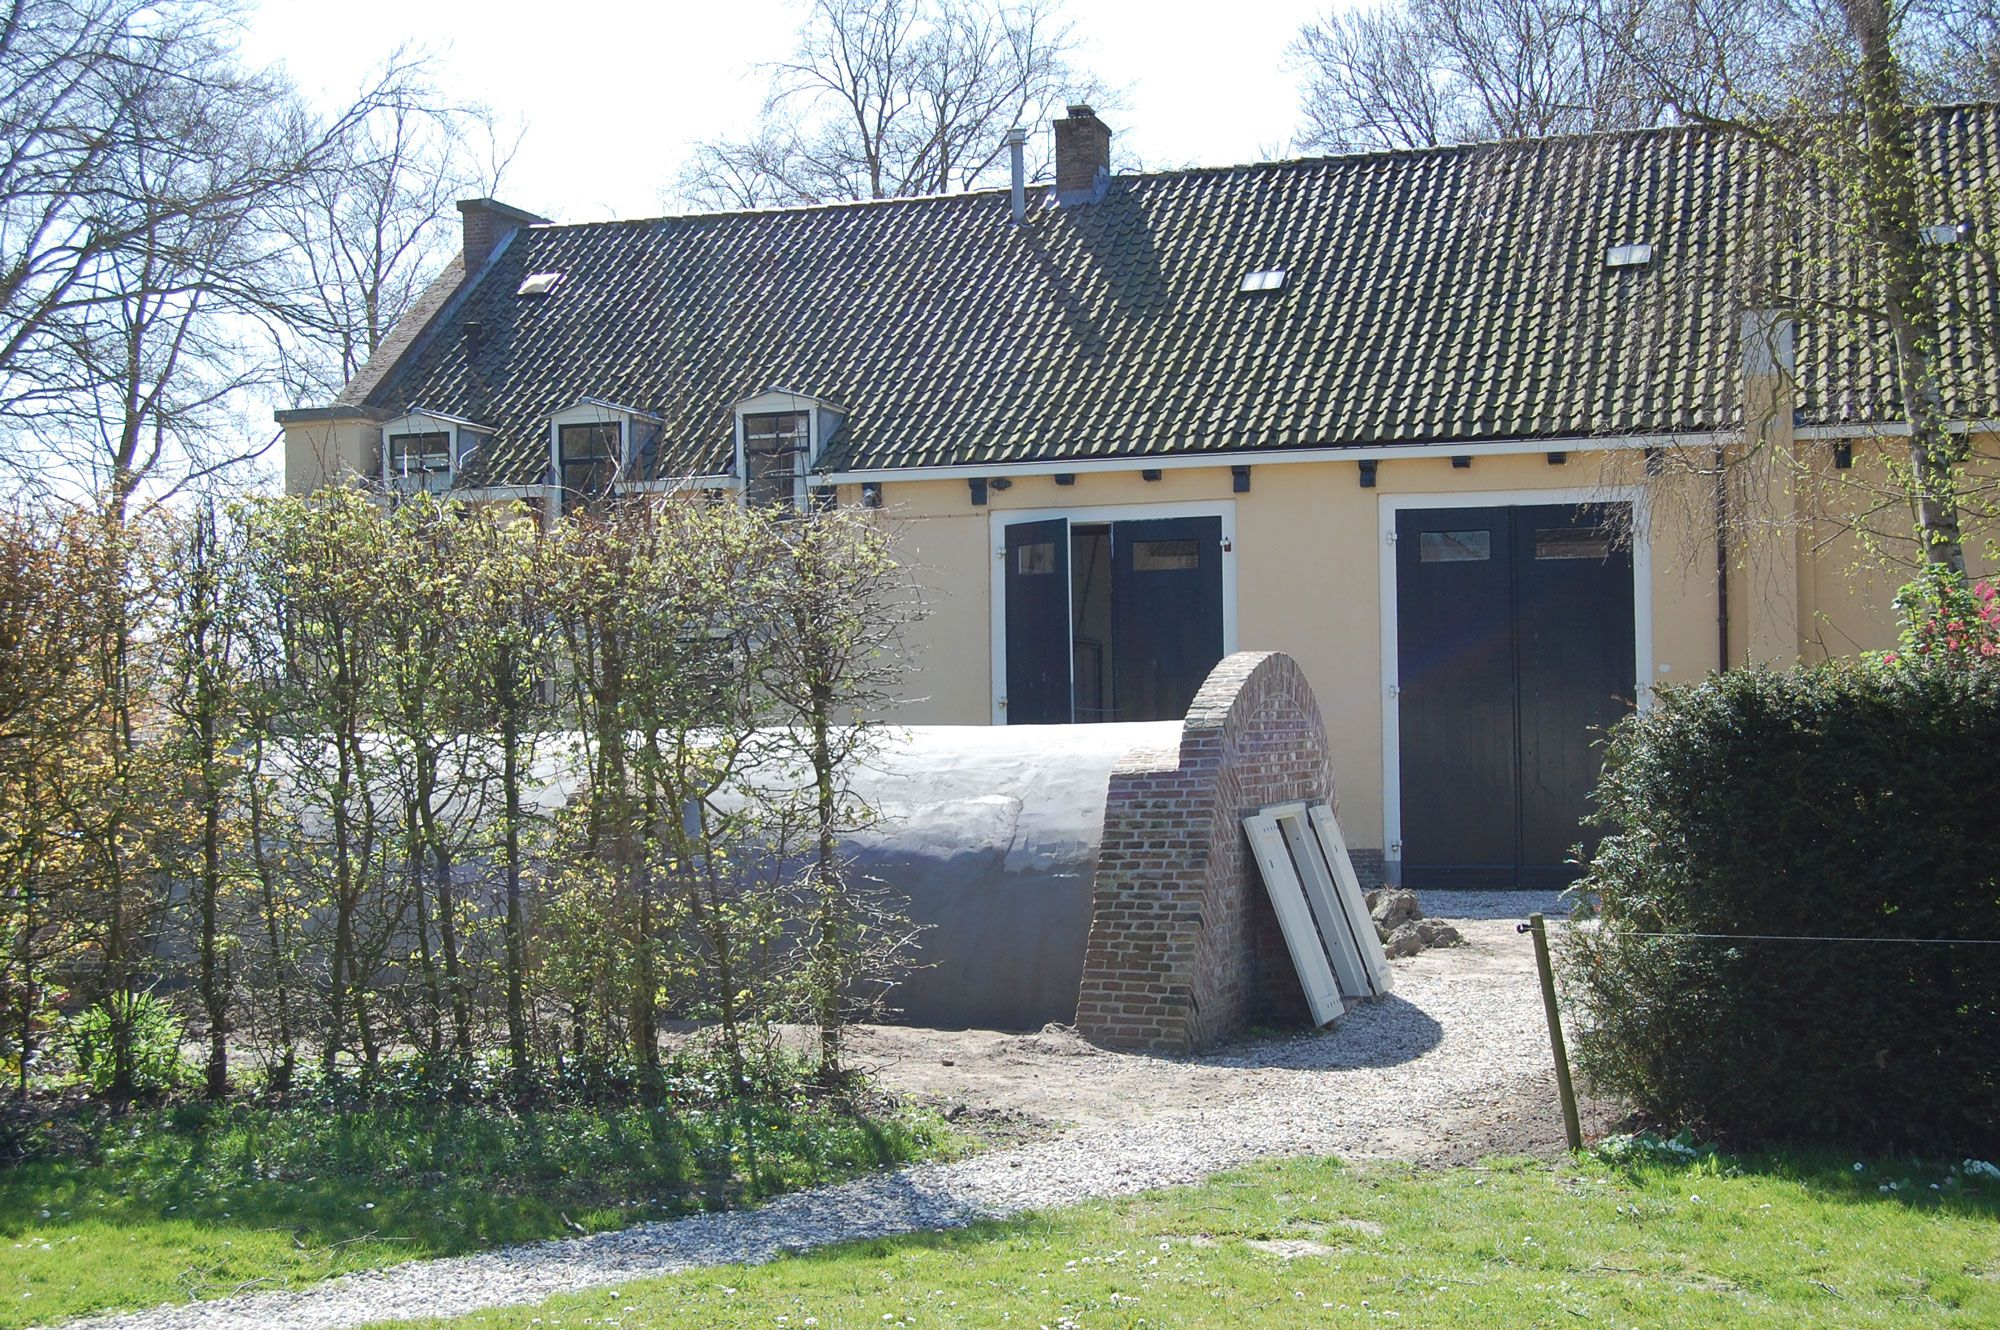 De voorraadkelder ligt op korte afstand van het koetshuis (Beeldbank SCEZ).